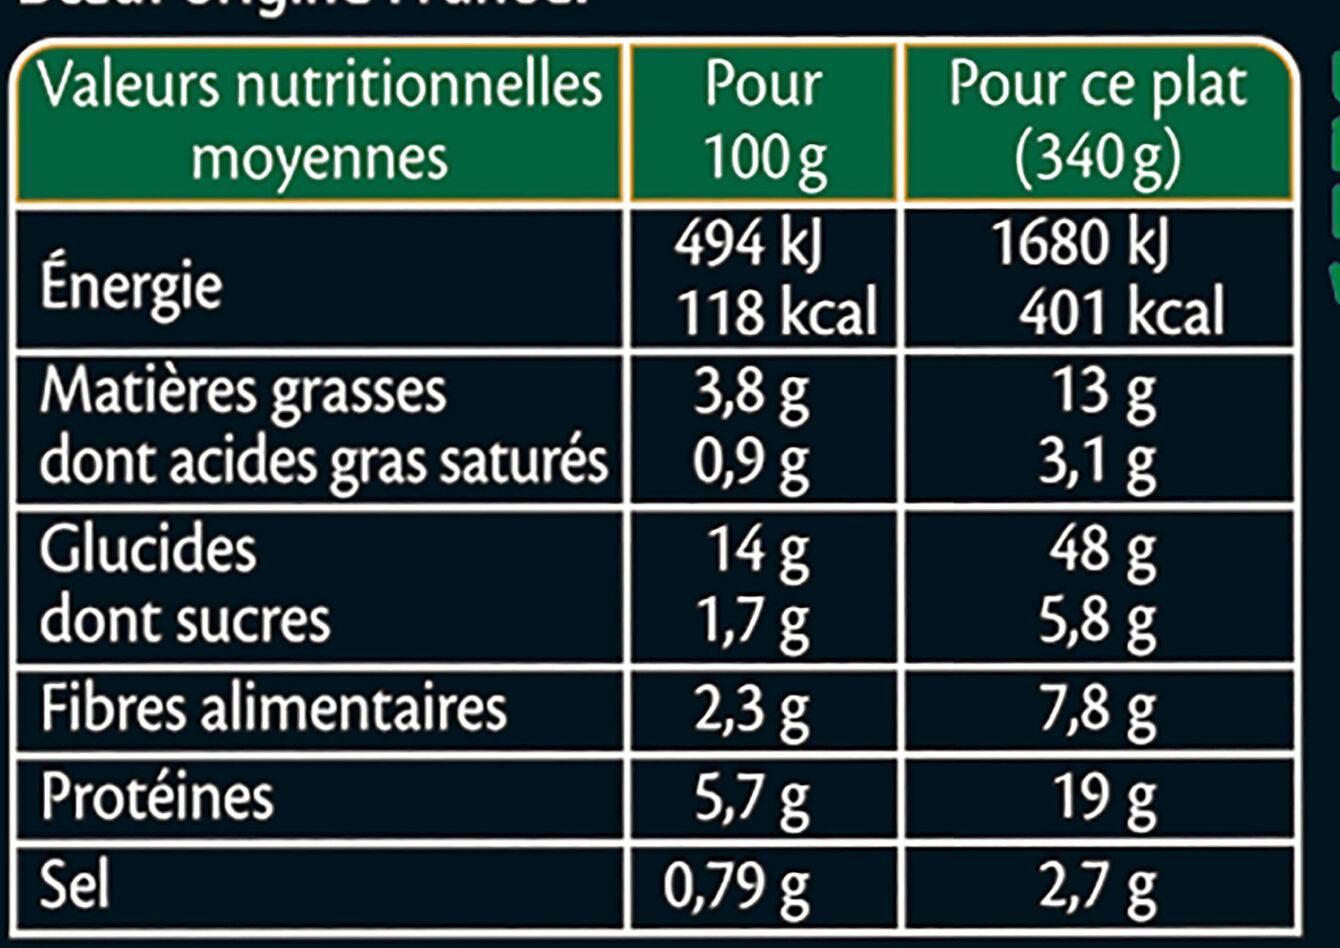 Chorizo doux farfalles et piperade basque - Voedingswaarden - fr